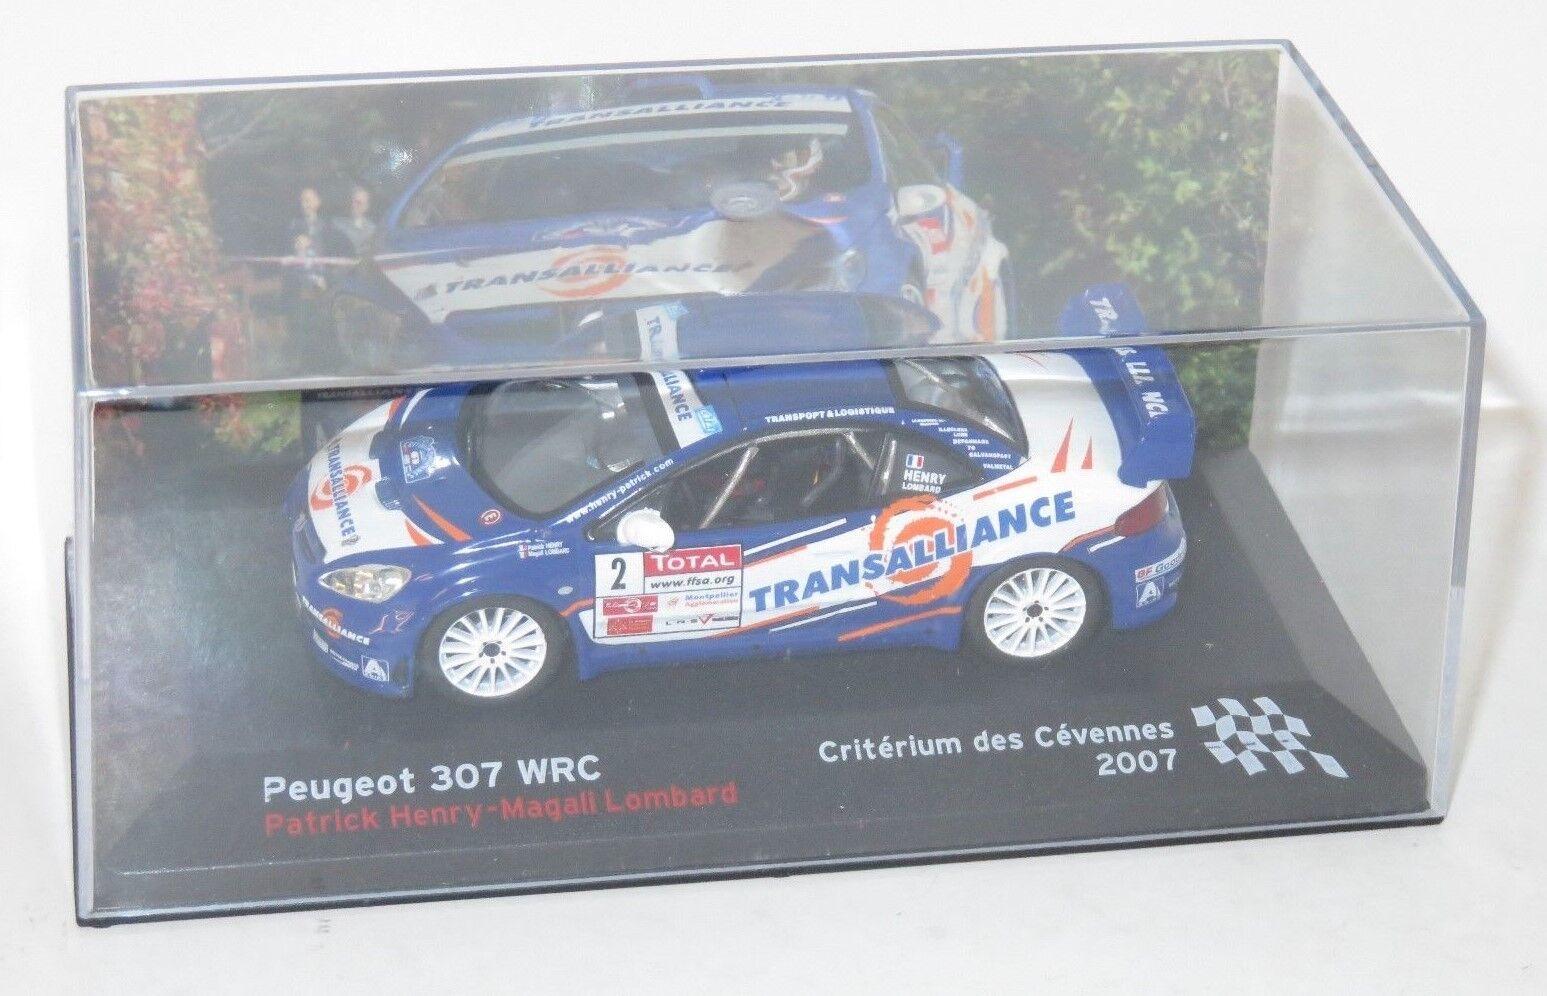 1 43 Peugeot 307 WRC  Rallye Criterium Criterium Criterium des Cevennes France 2007  P.Henry f02983